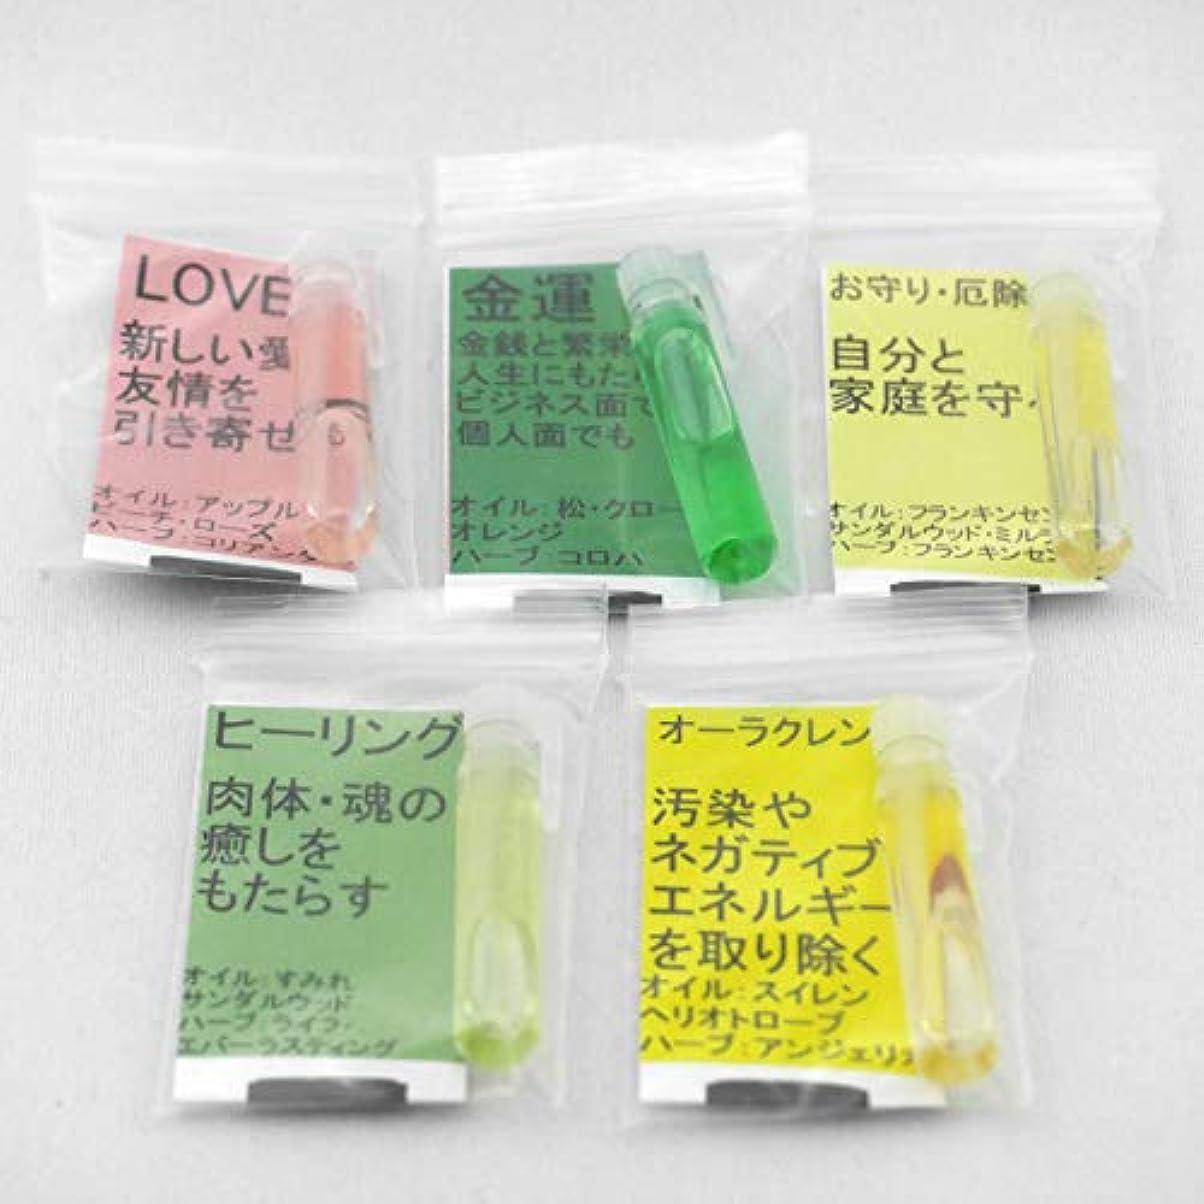 パス請負業者変化するアンシェントメモリーオイル 基本の5本小分けセット(LOVE?MoneyDraw?Protection?Healing?Aura Cleanse)